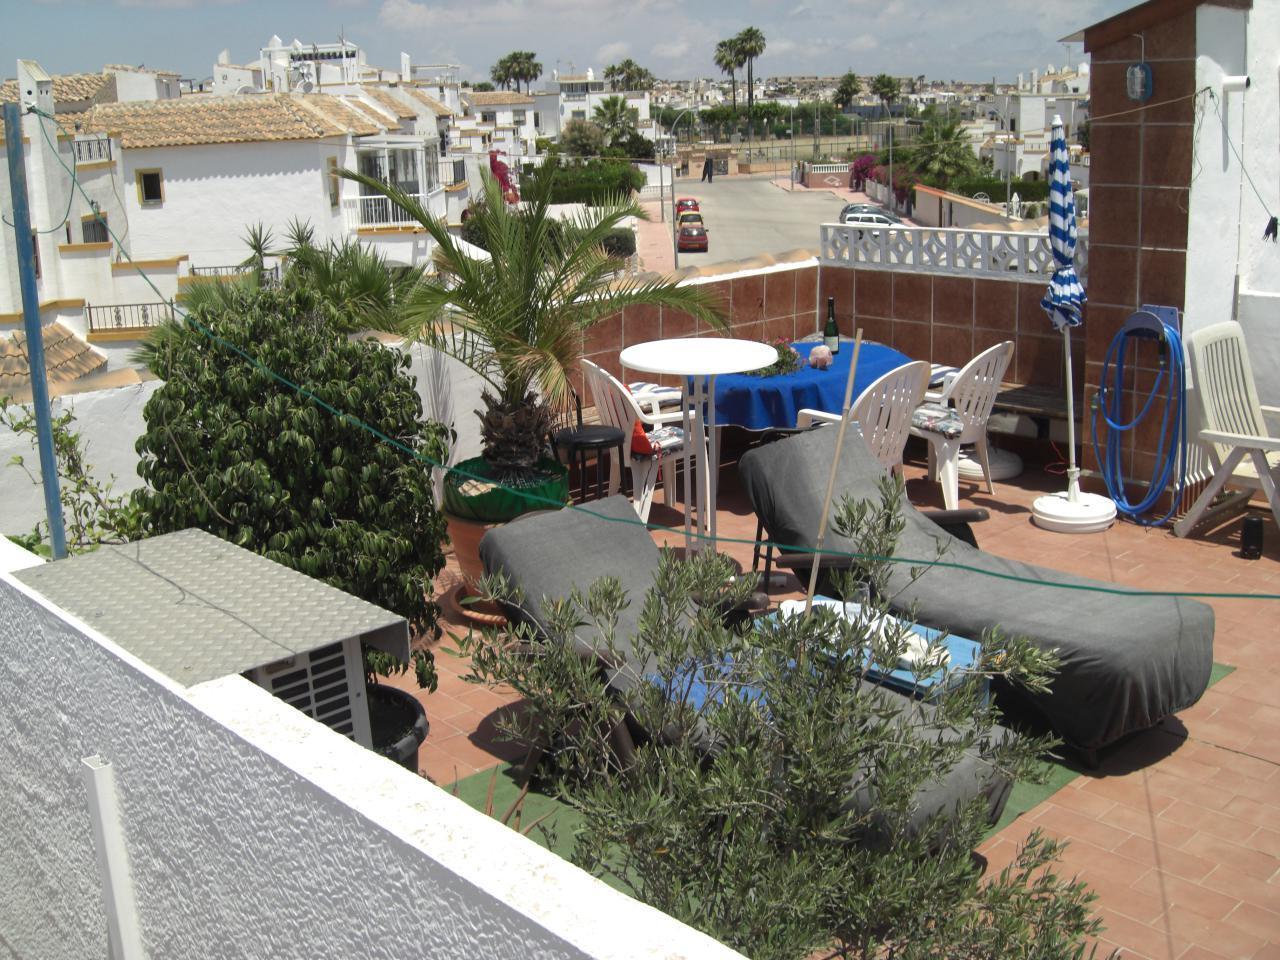 Ferienwohnung 4 Personen 62qm Costa Blanca (118835), Orihuela-Costa, Costa Blanca, Valencia, Spanien, Bild 22